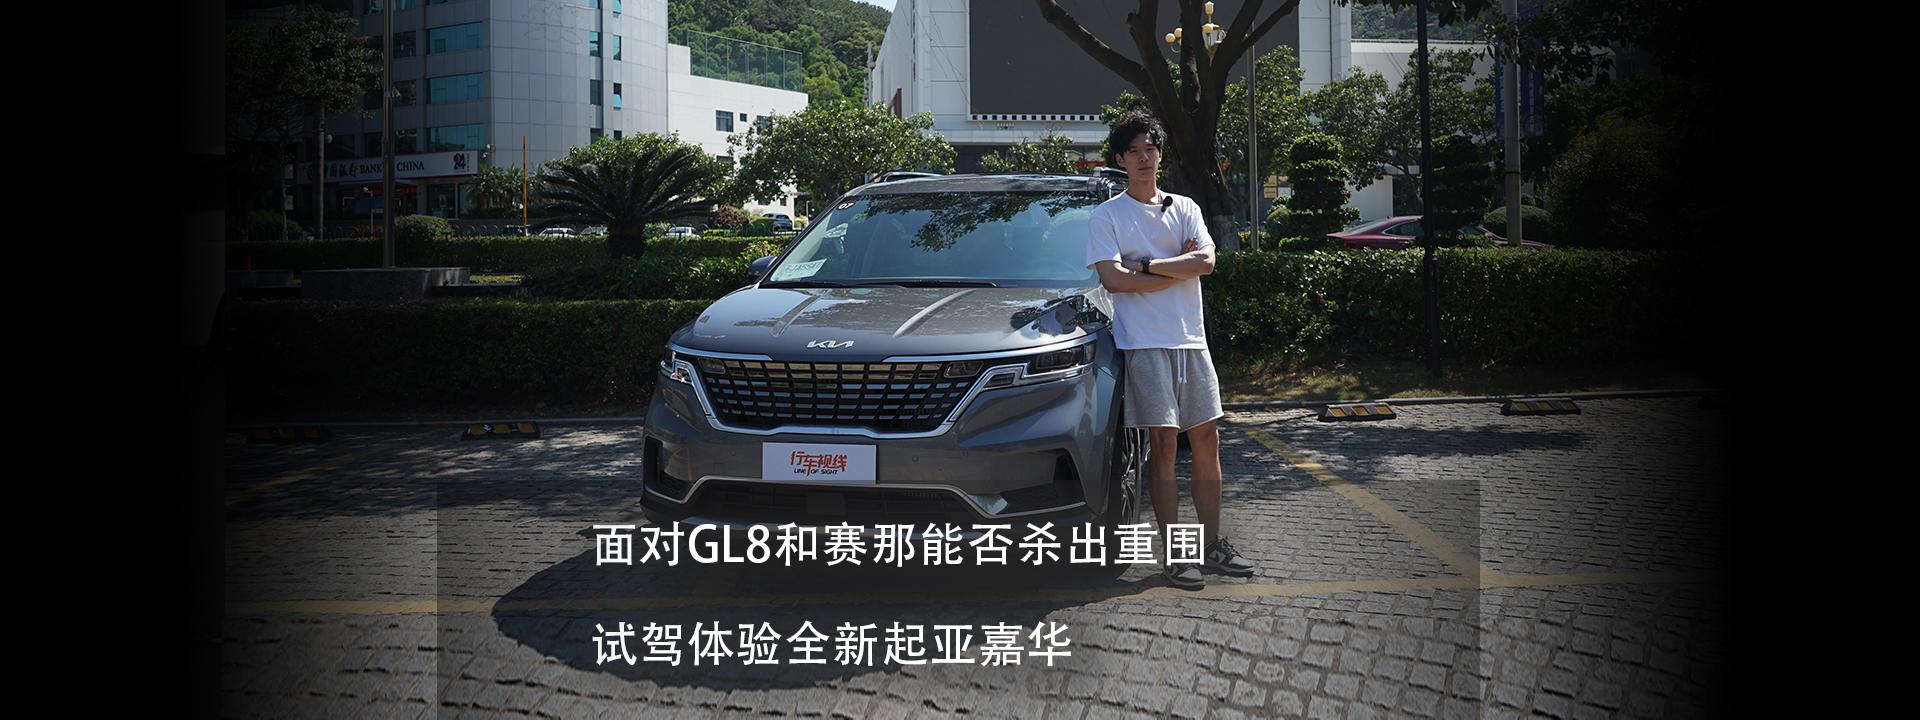 面对GL8和赛那能否杀出重围 试驾体验全新起亚嘉华